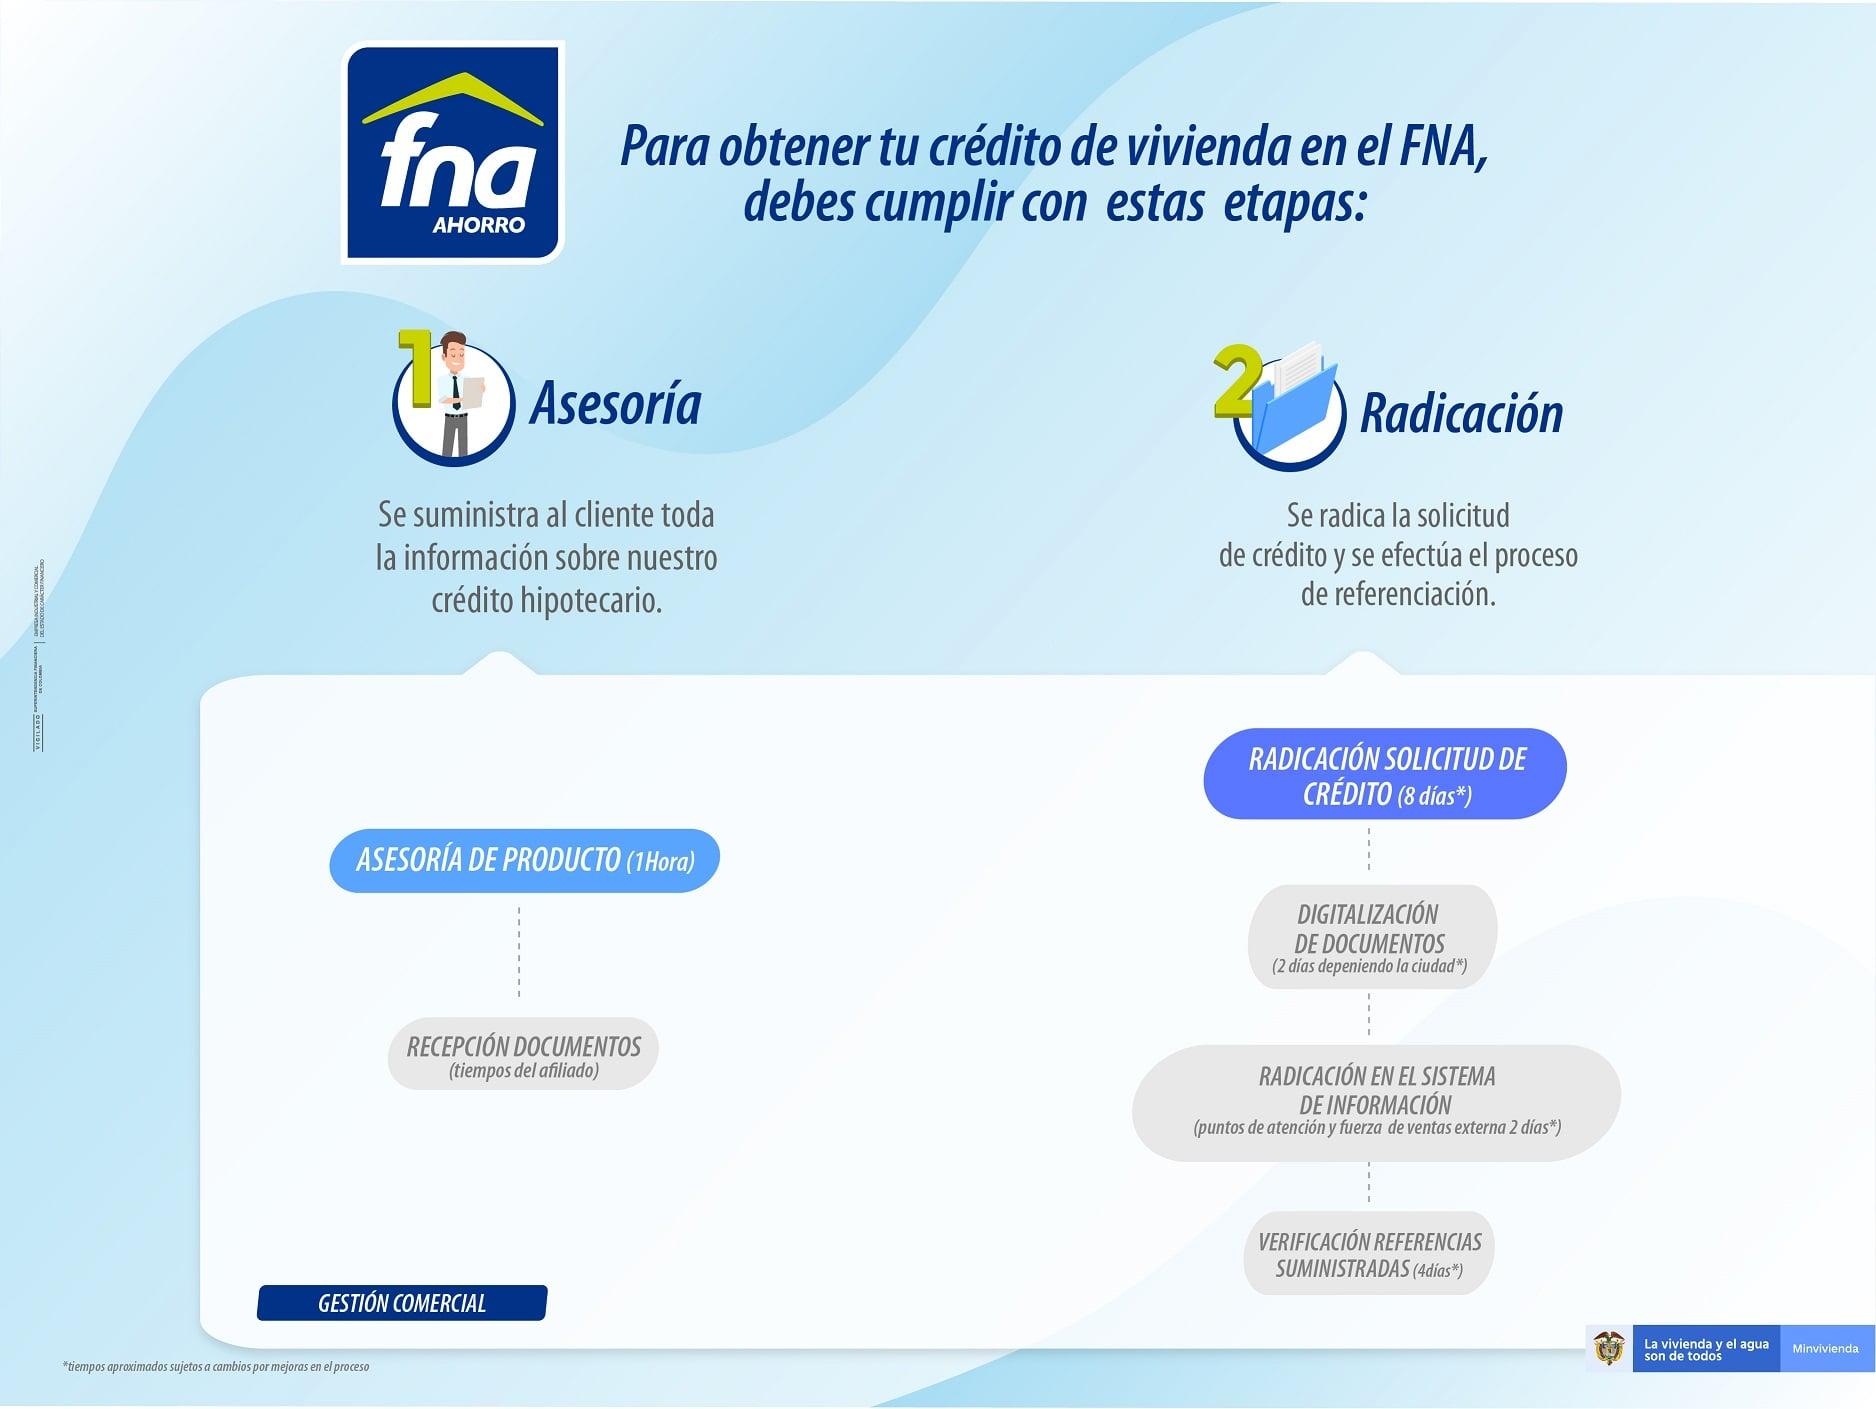 proceso-de-credito-fna.jpg